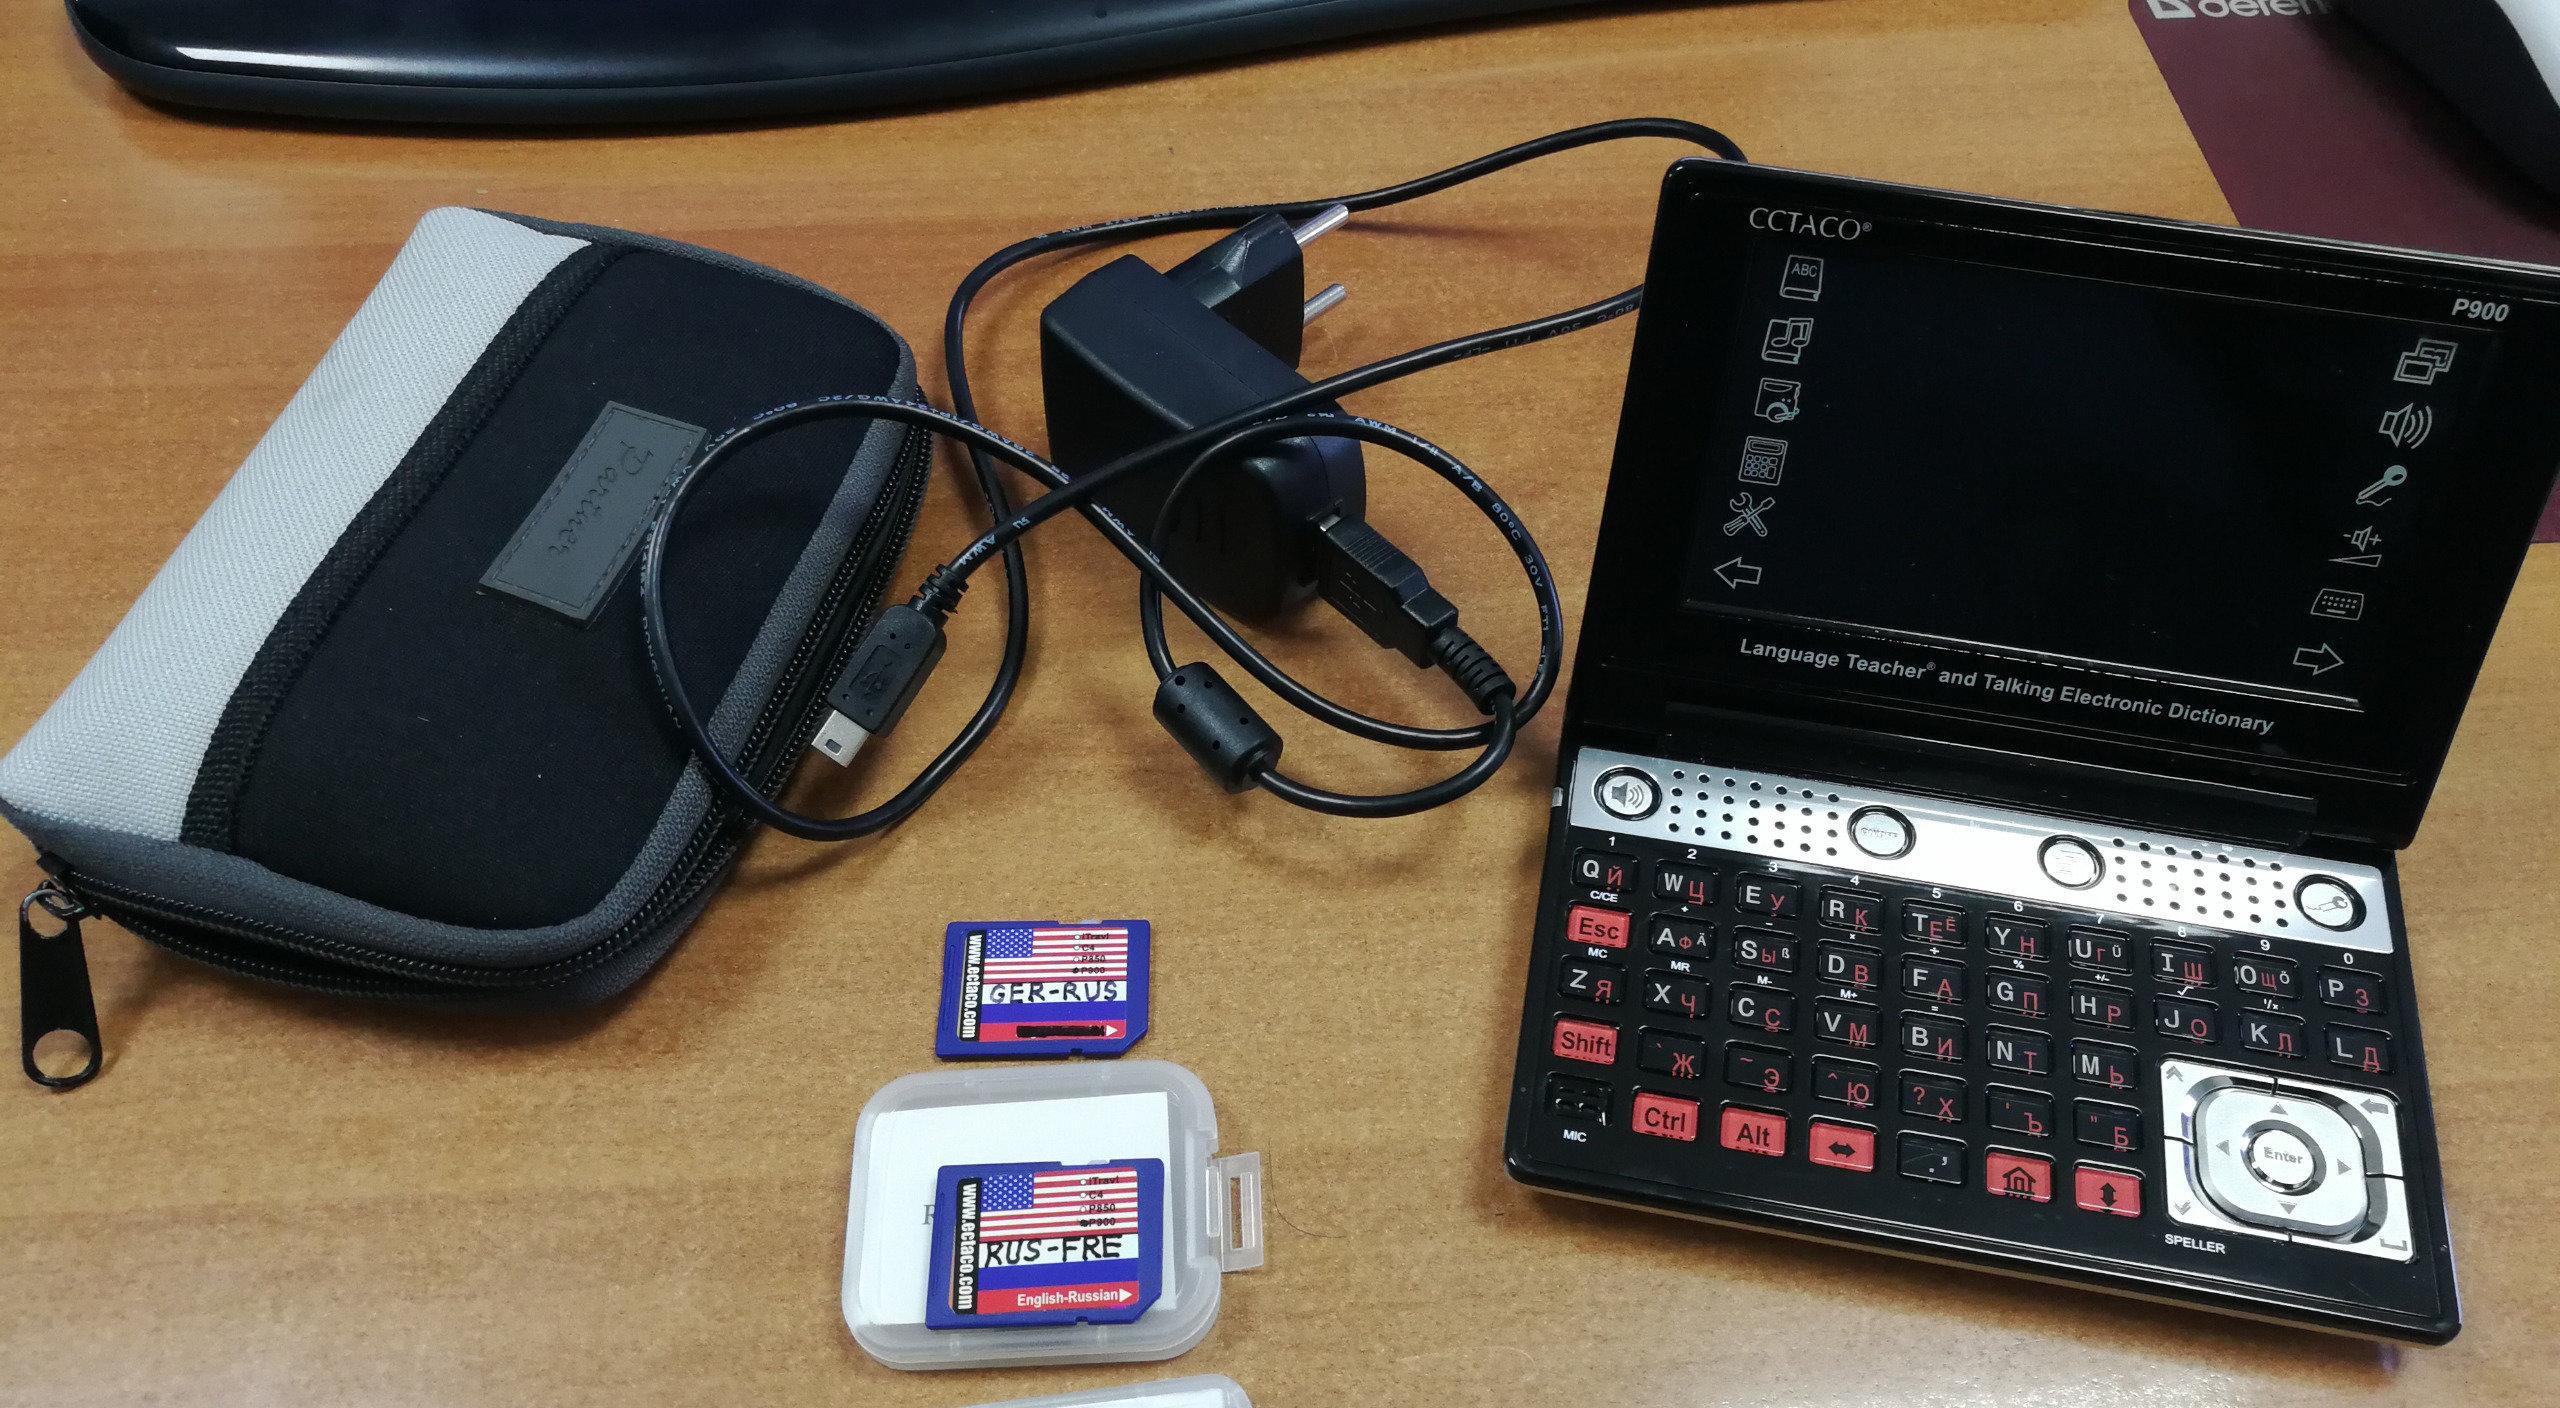 Ectaco Partner ER900 Delux